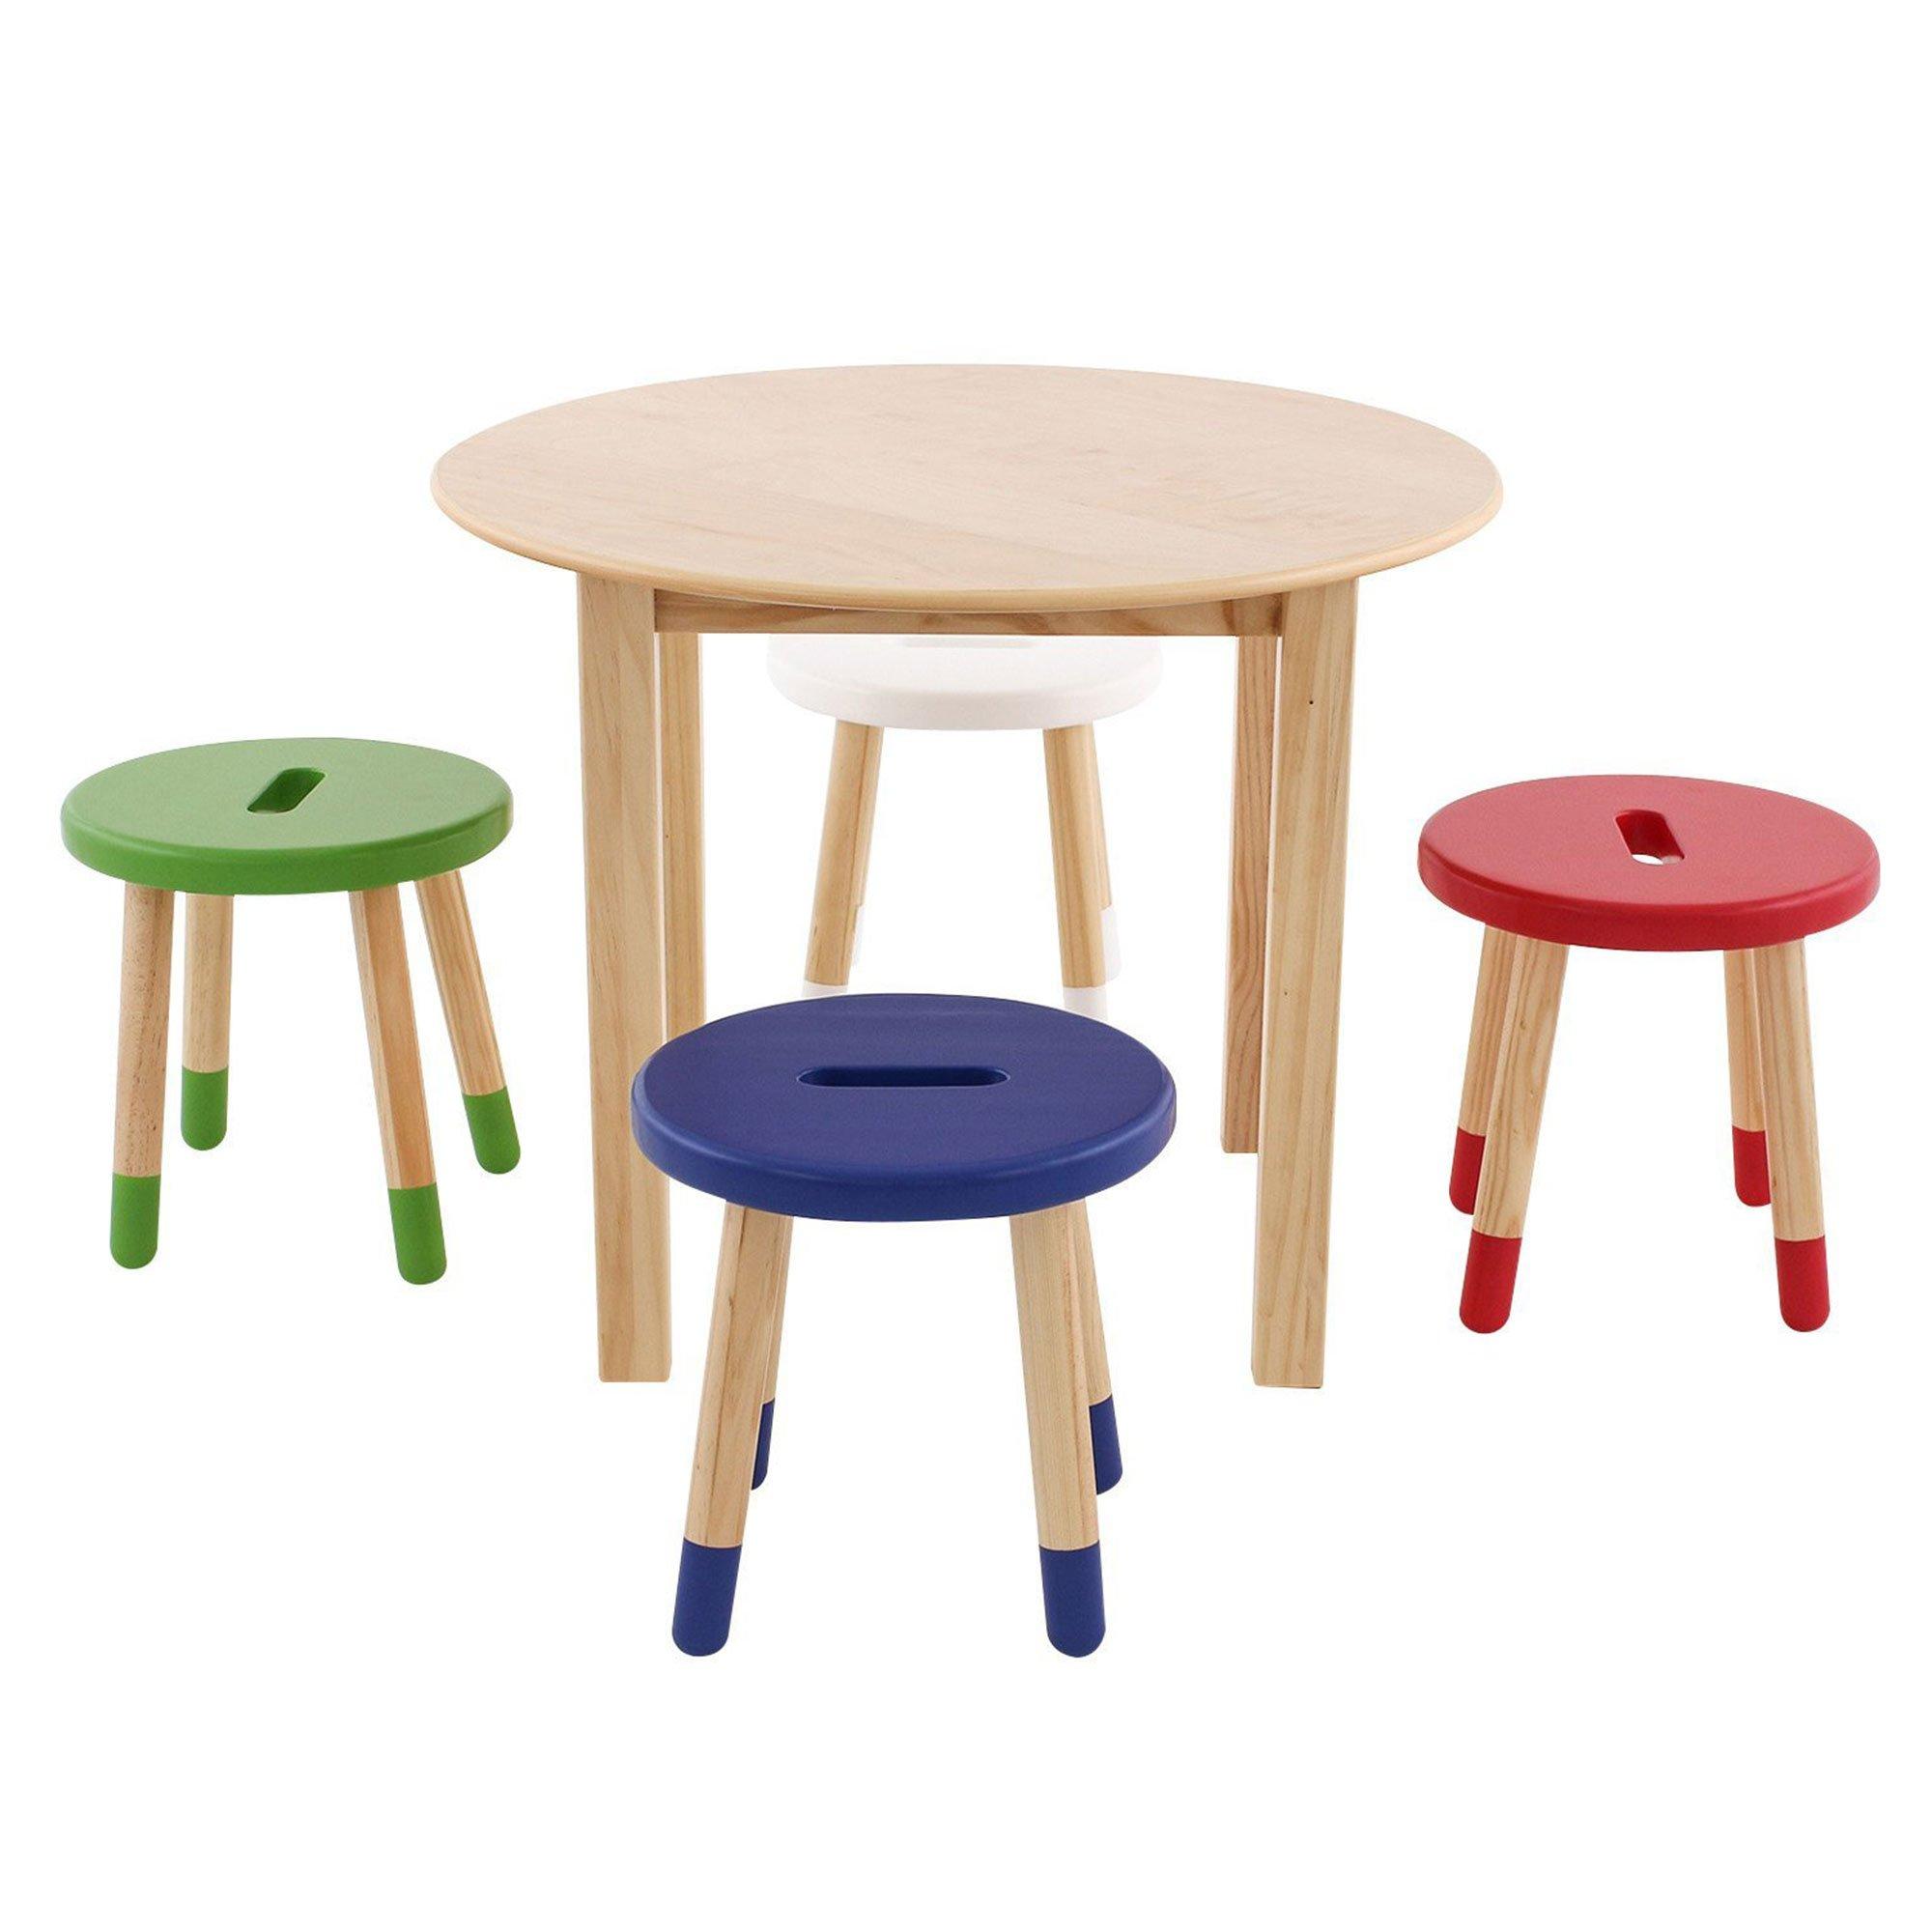 Max & Lily Wood Table/Stool Set, Natural